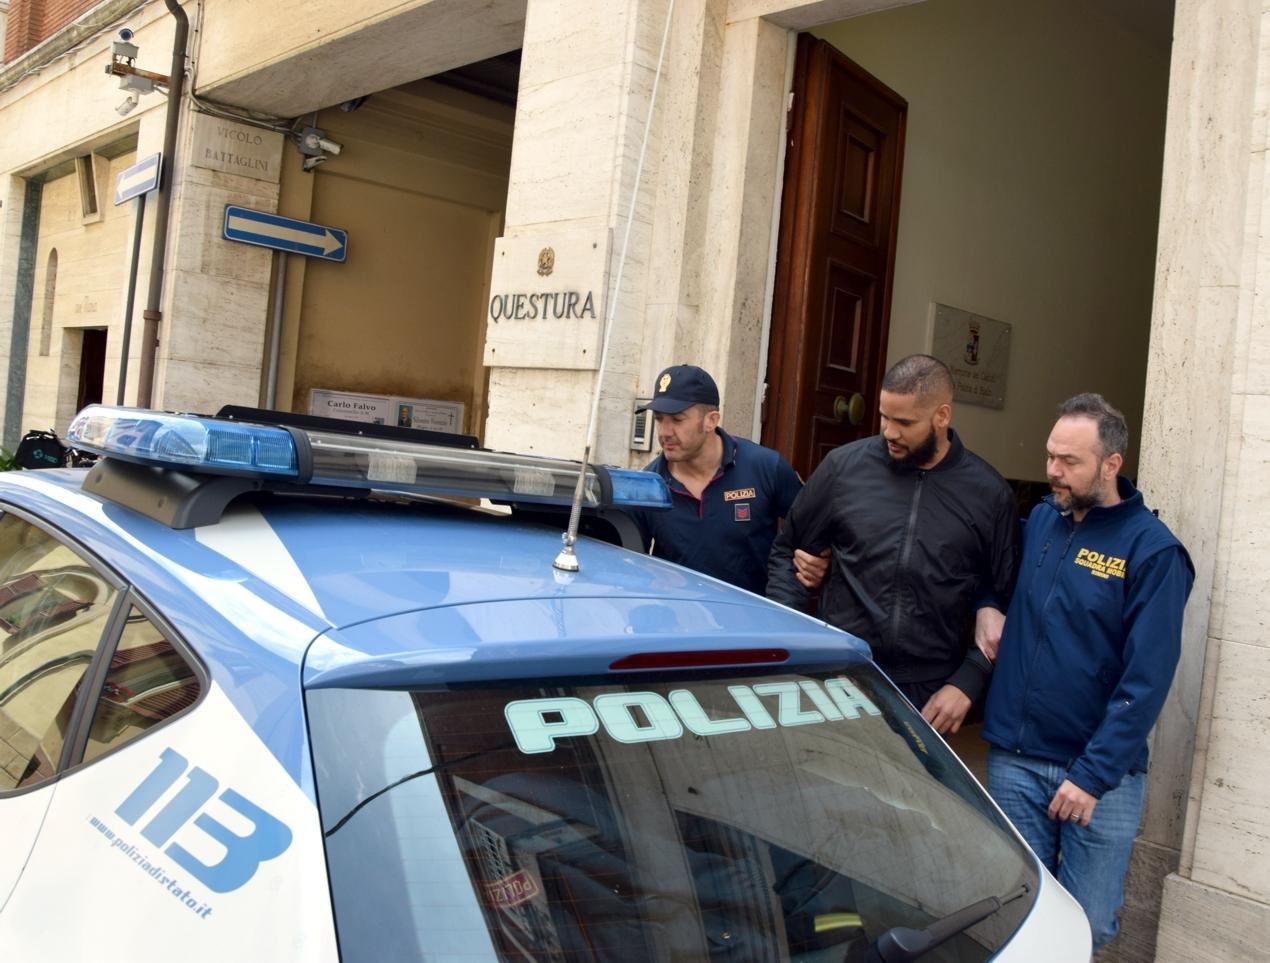 Arrestato a Rimini ricercato internazionale